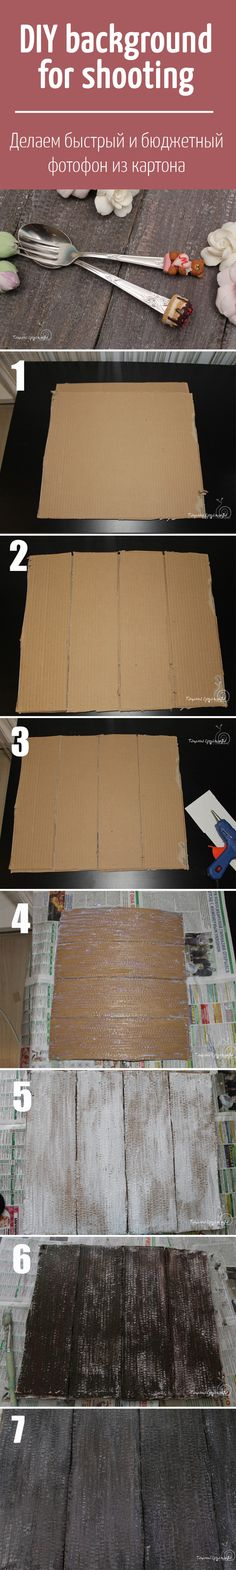 Как превратить картон в дерево за восемь простых шагов: делаем быстрый и бюджетный фотофон / DIY background for shooting